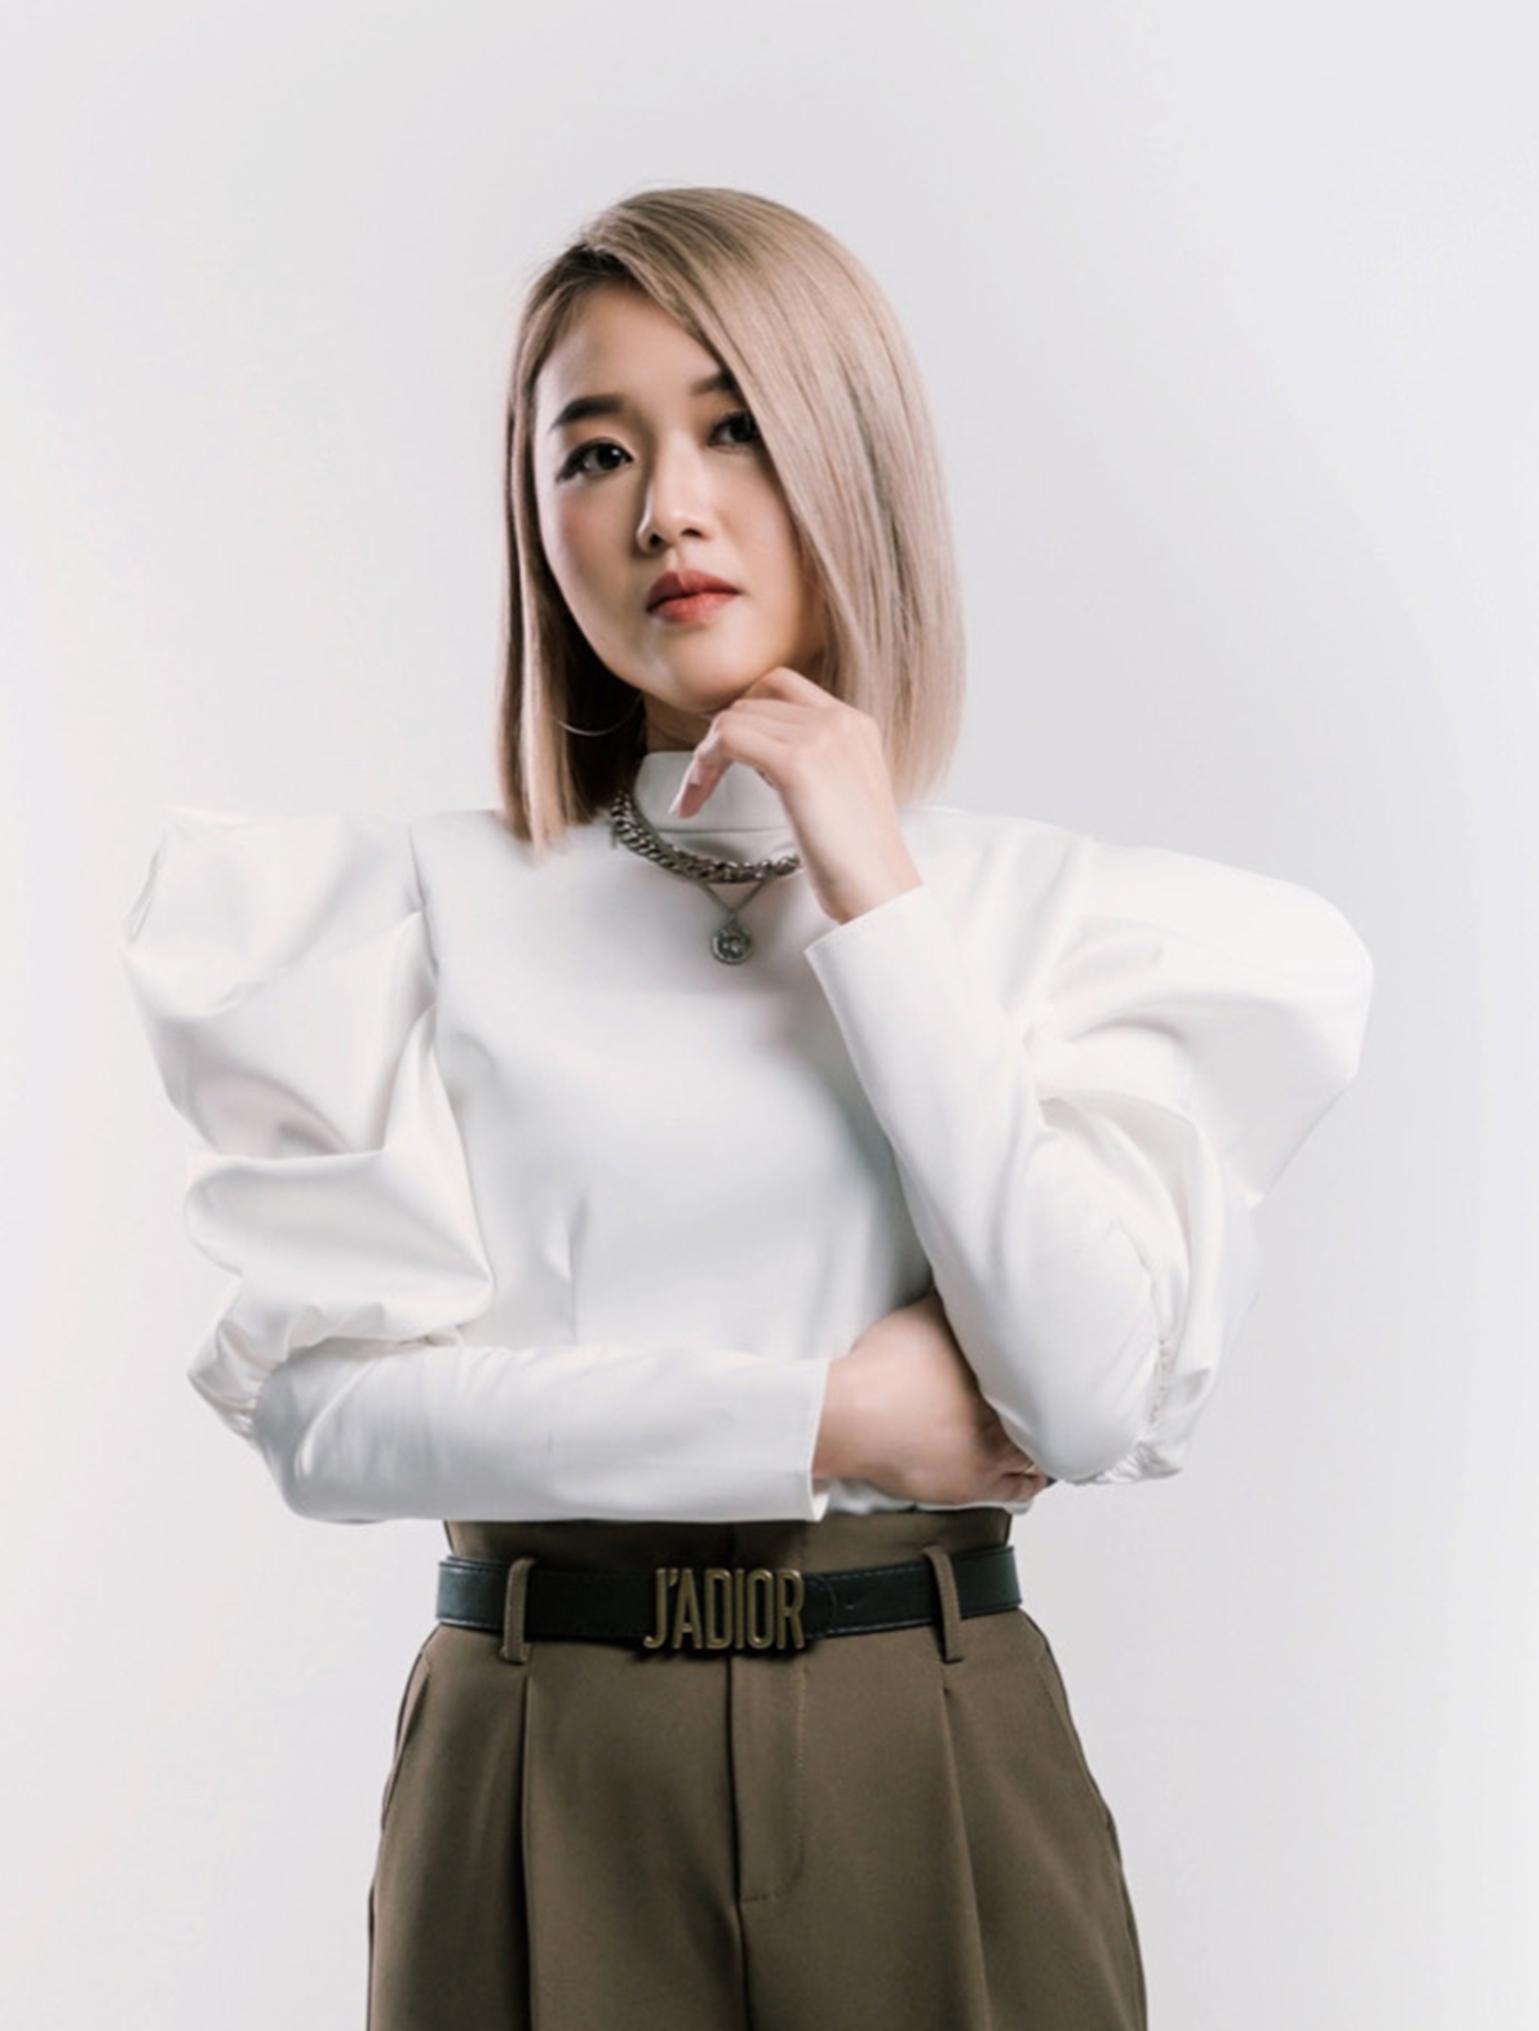 Jusmin Ling